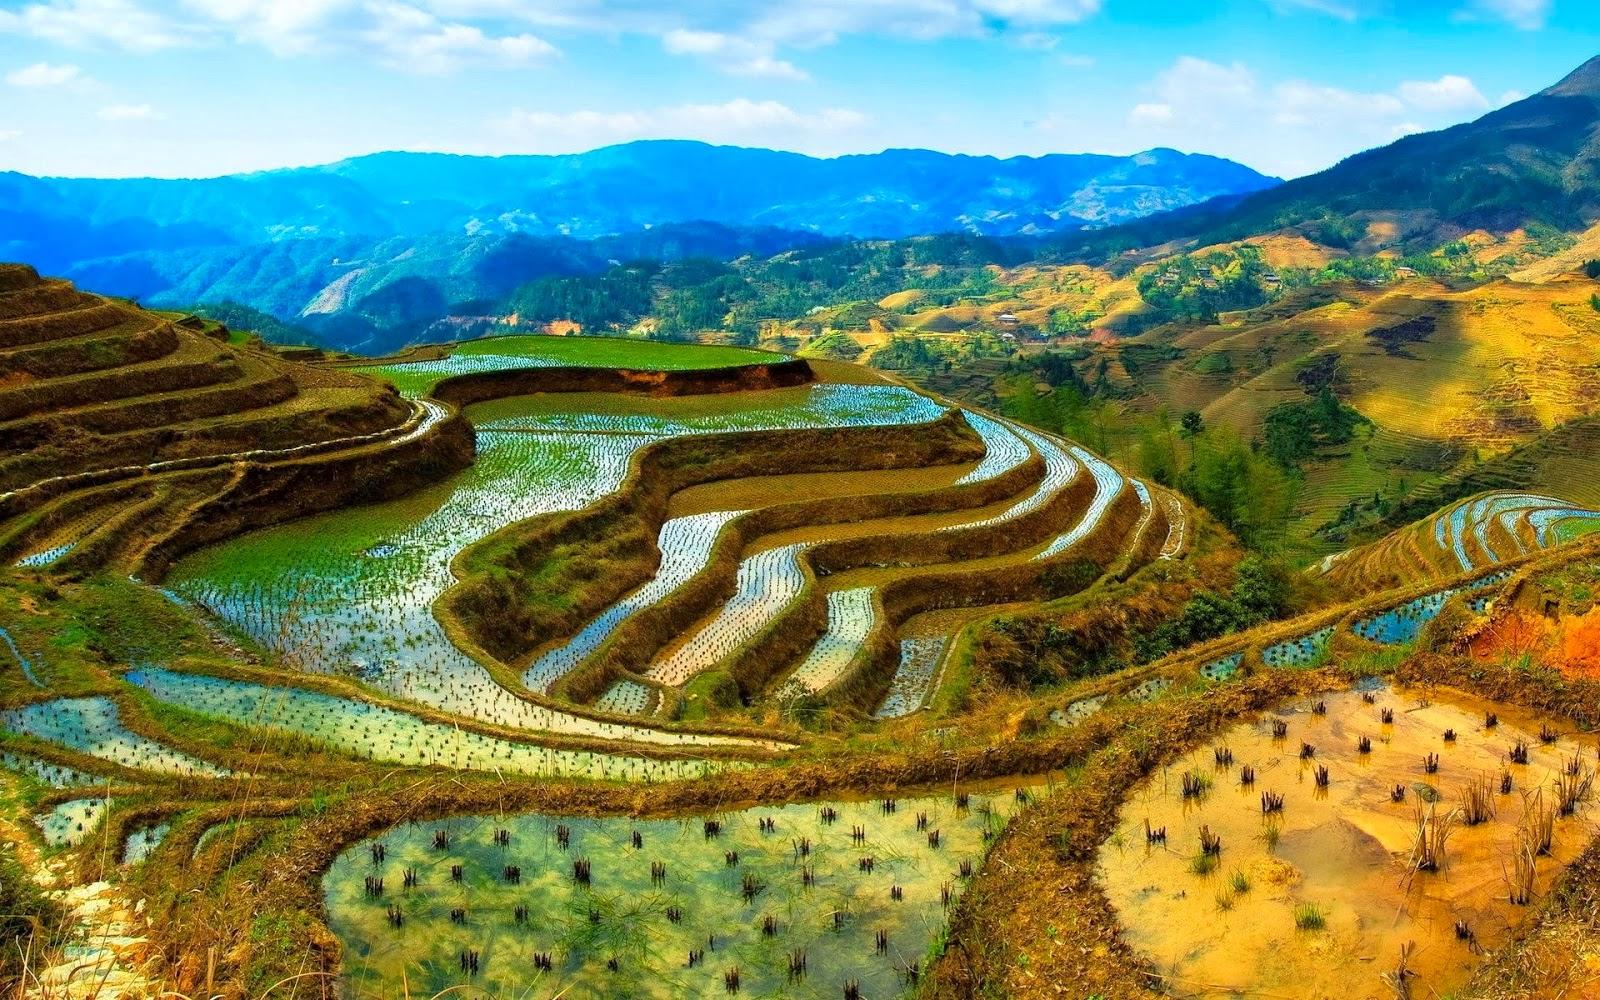 Rice terraces in Longshchen